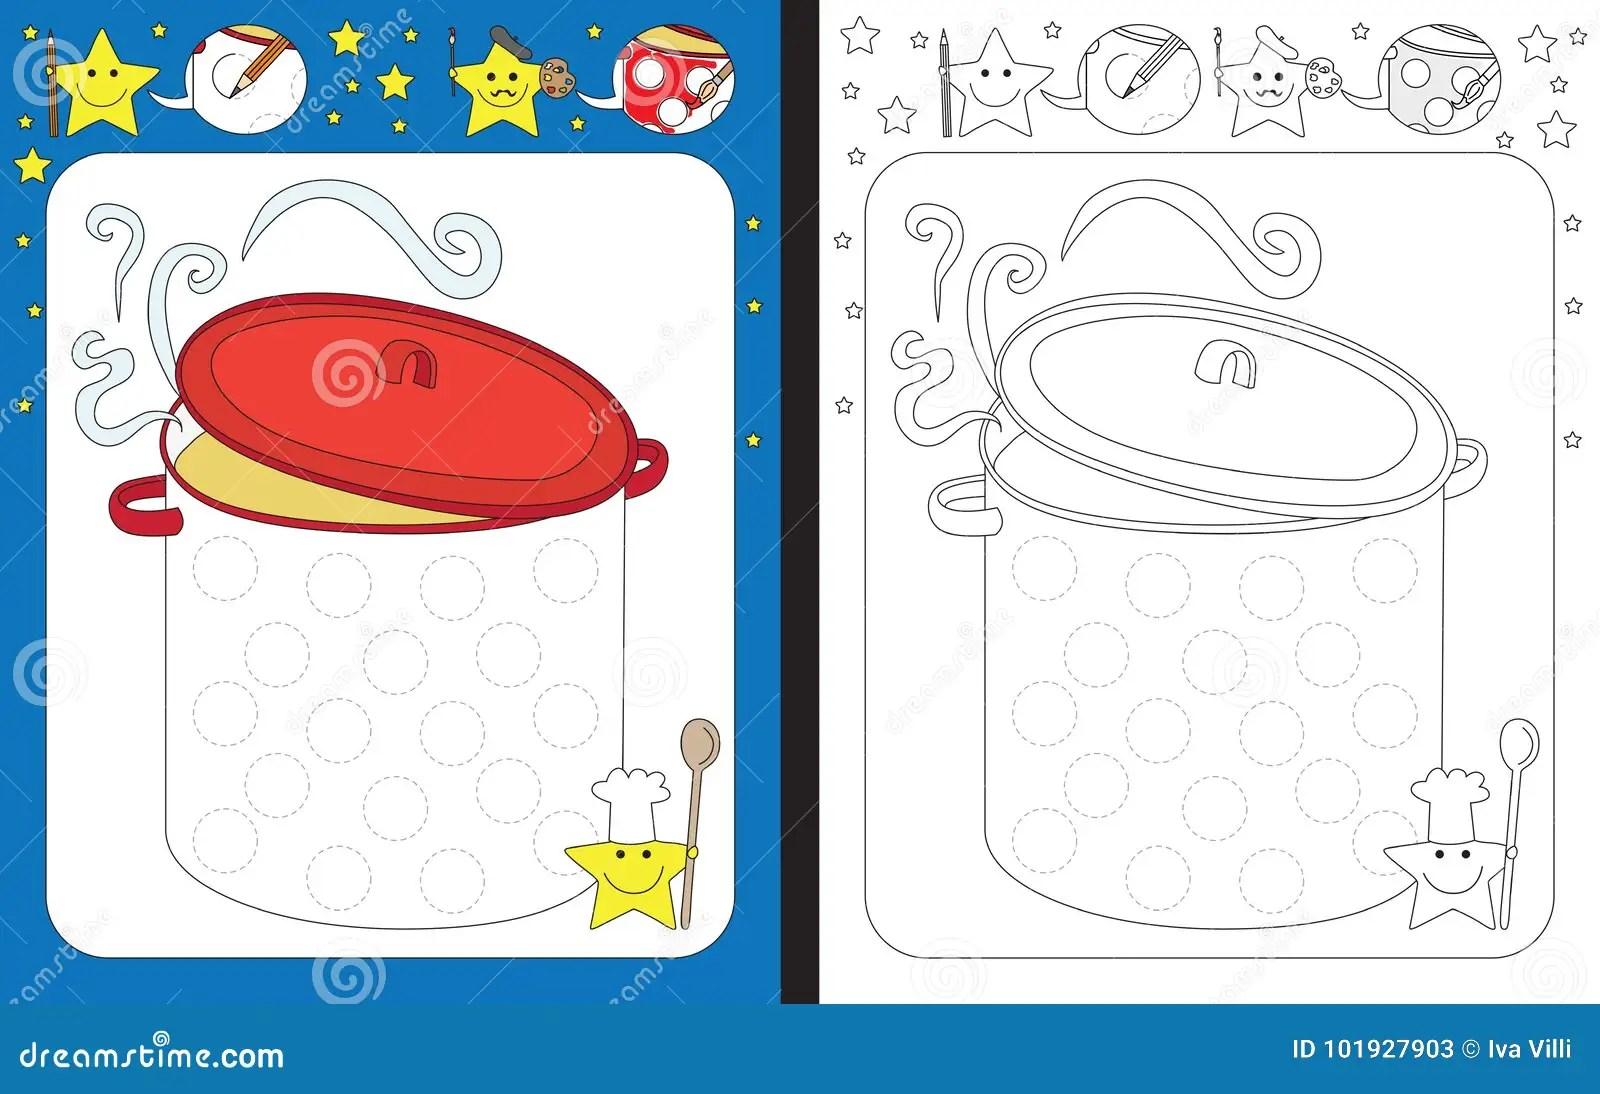 Preschool Worksheet Stock Vector Illustration Of Cooking